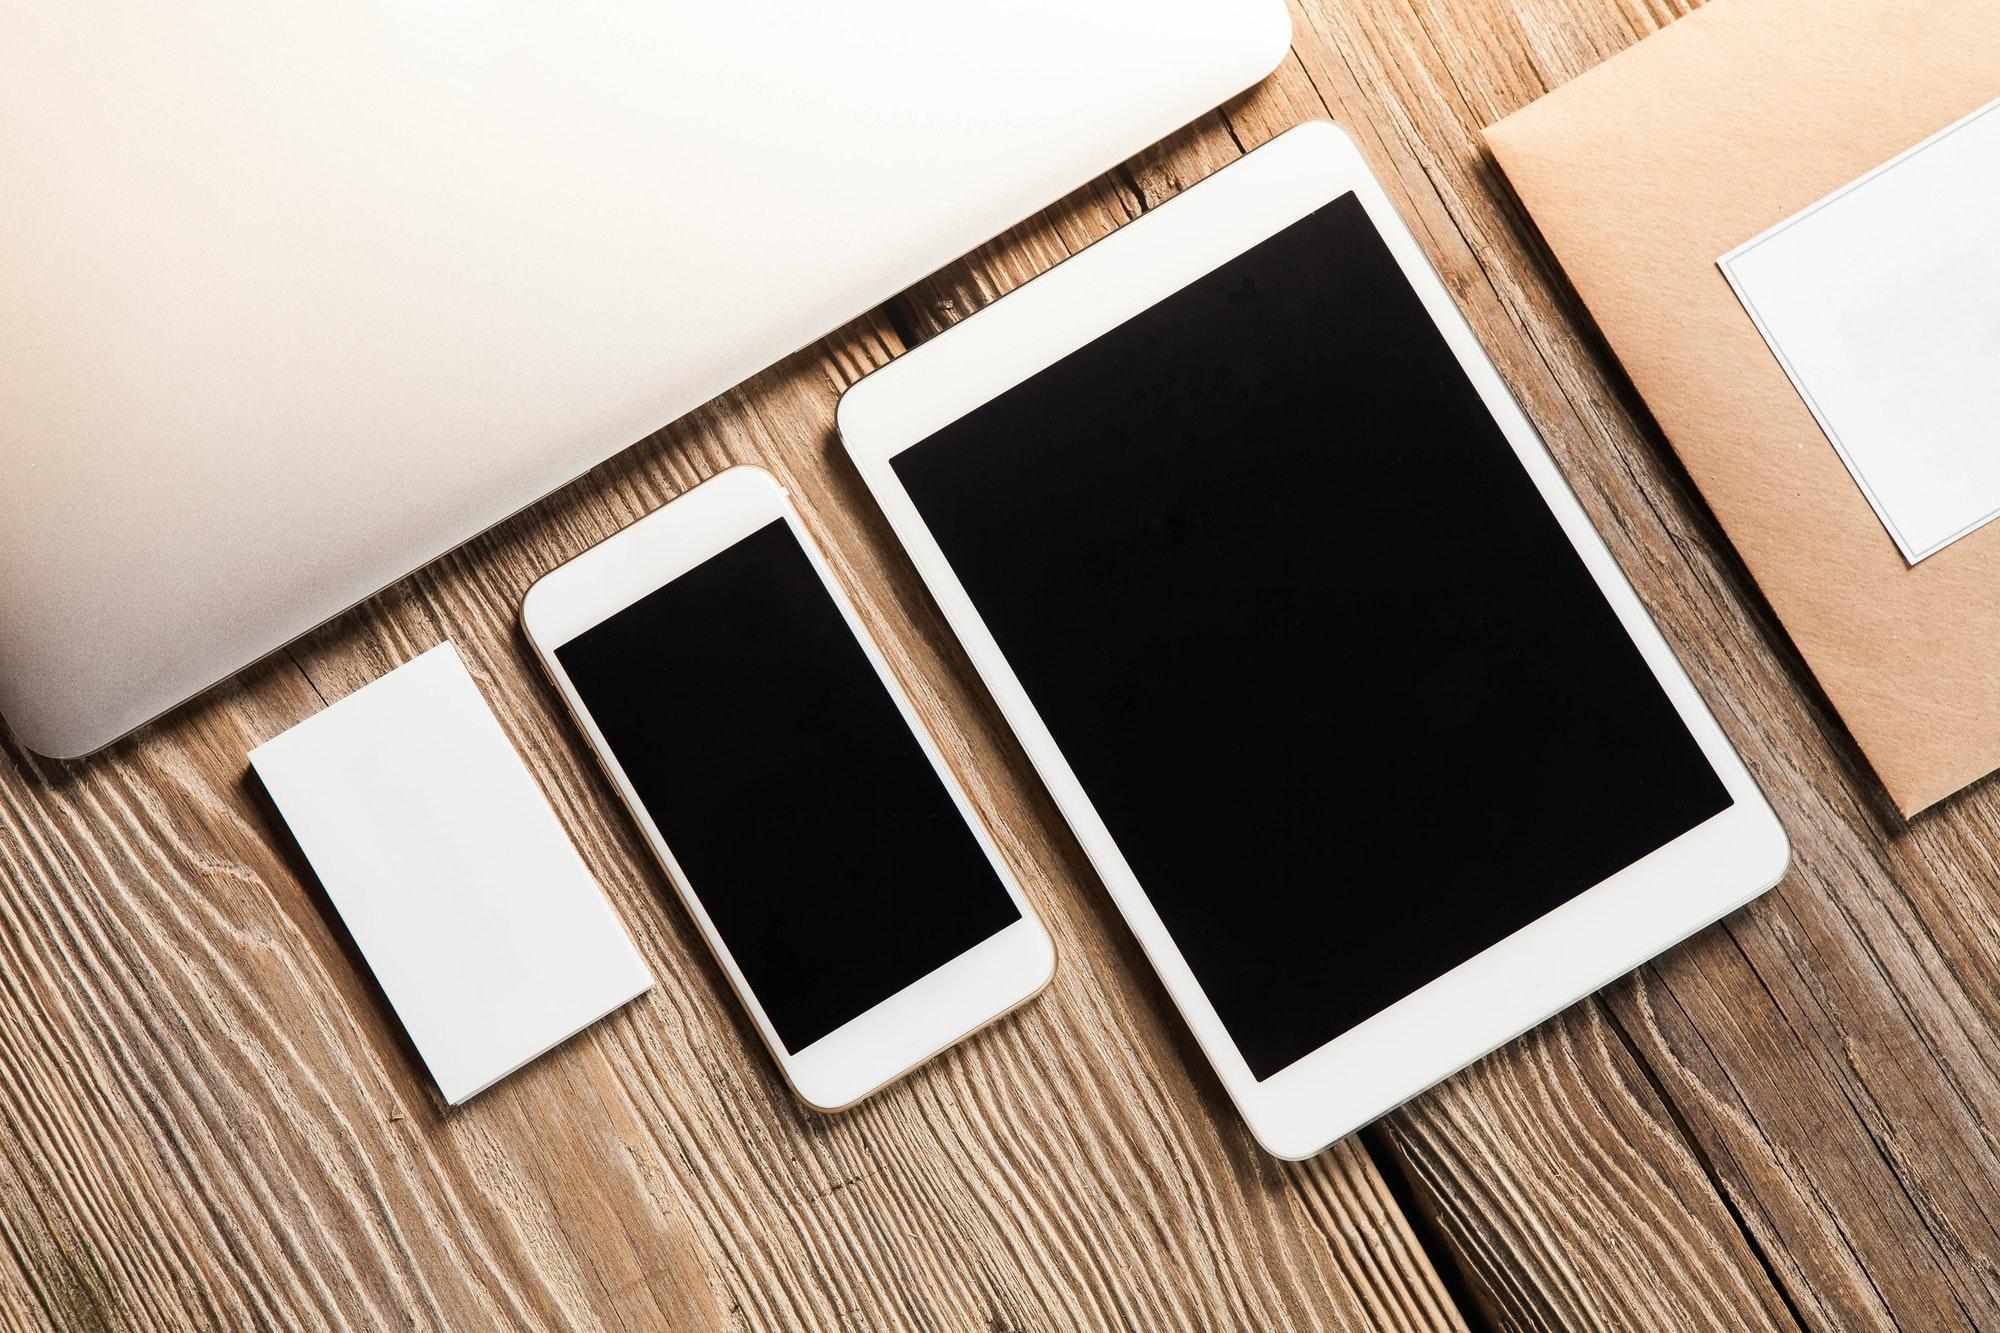 Hjemmeside designer om design af hjemmeside 2021 - Vores hjemmeside designers tips, gode råd & overvejelser omkring design af hjemmeside